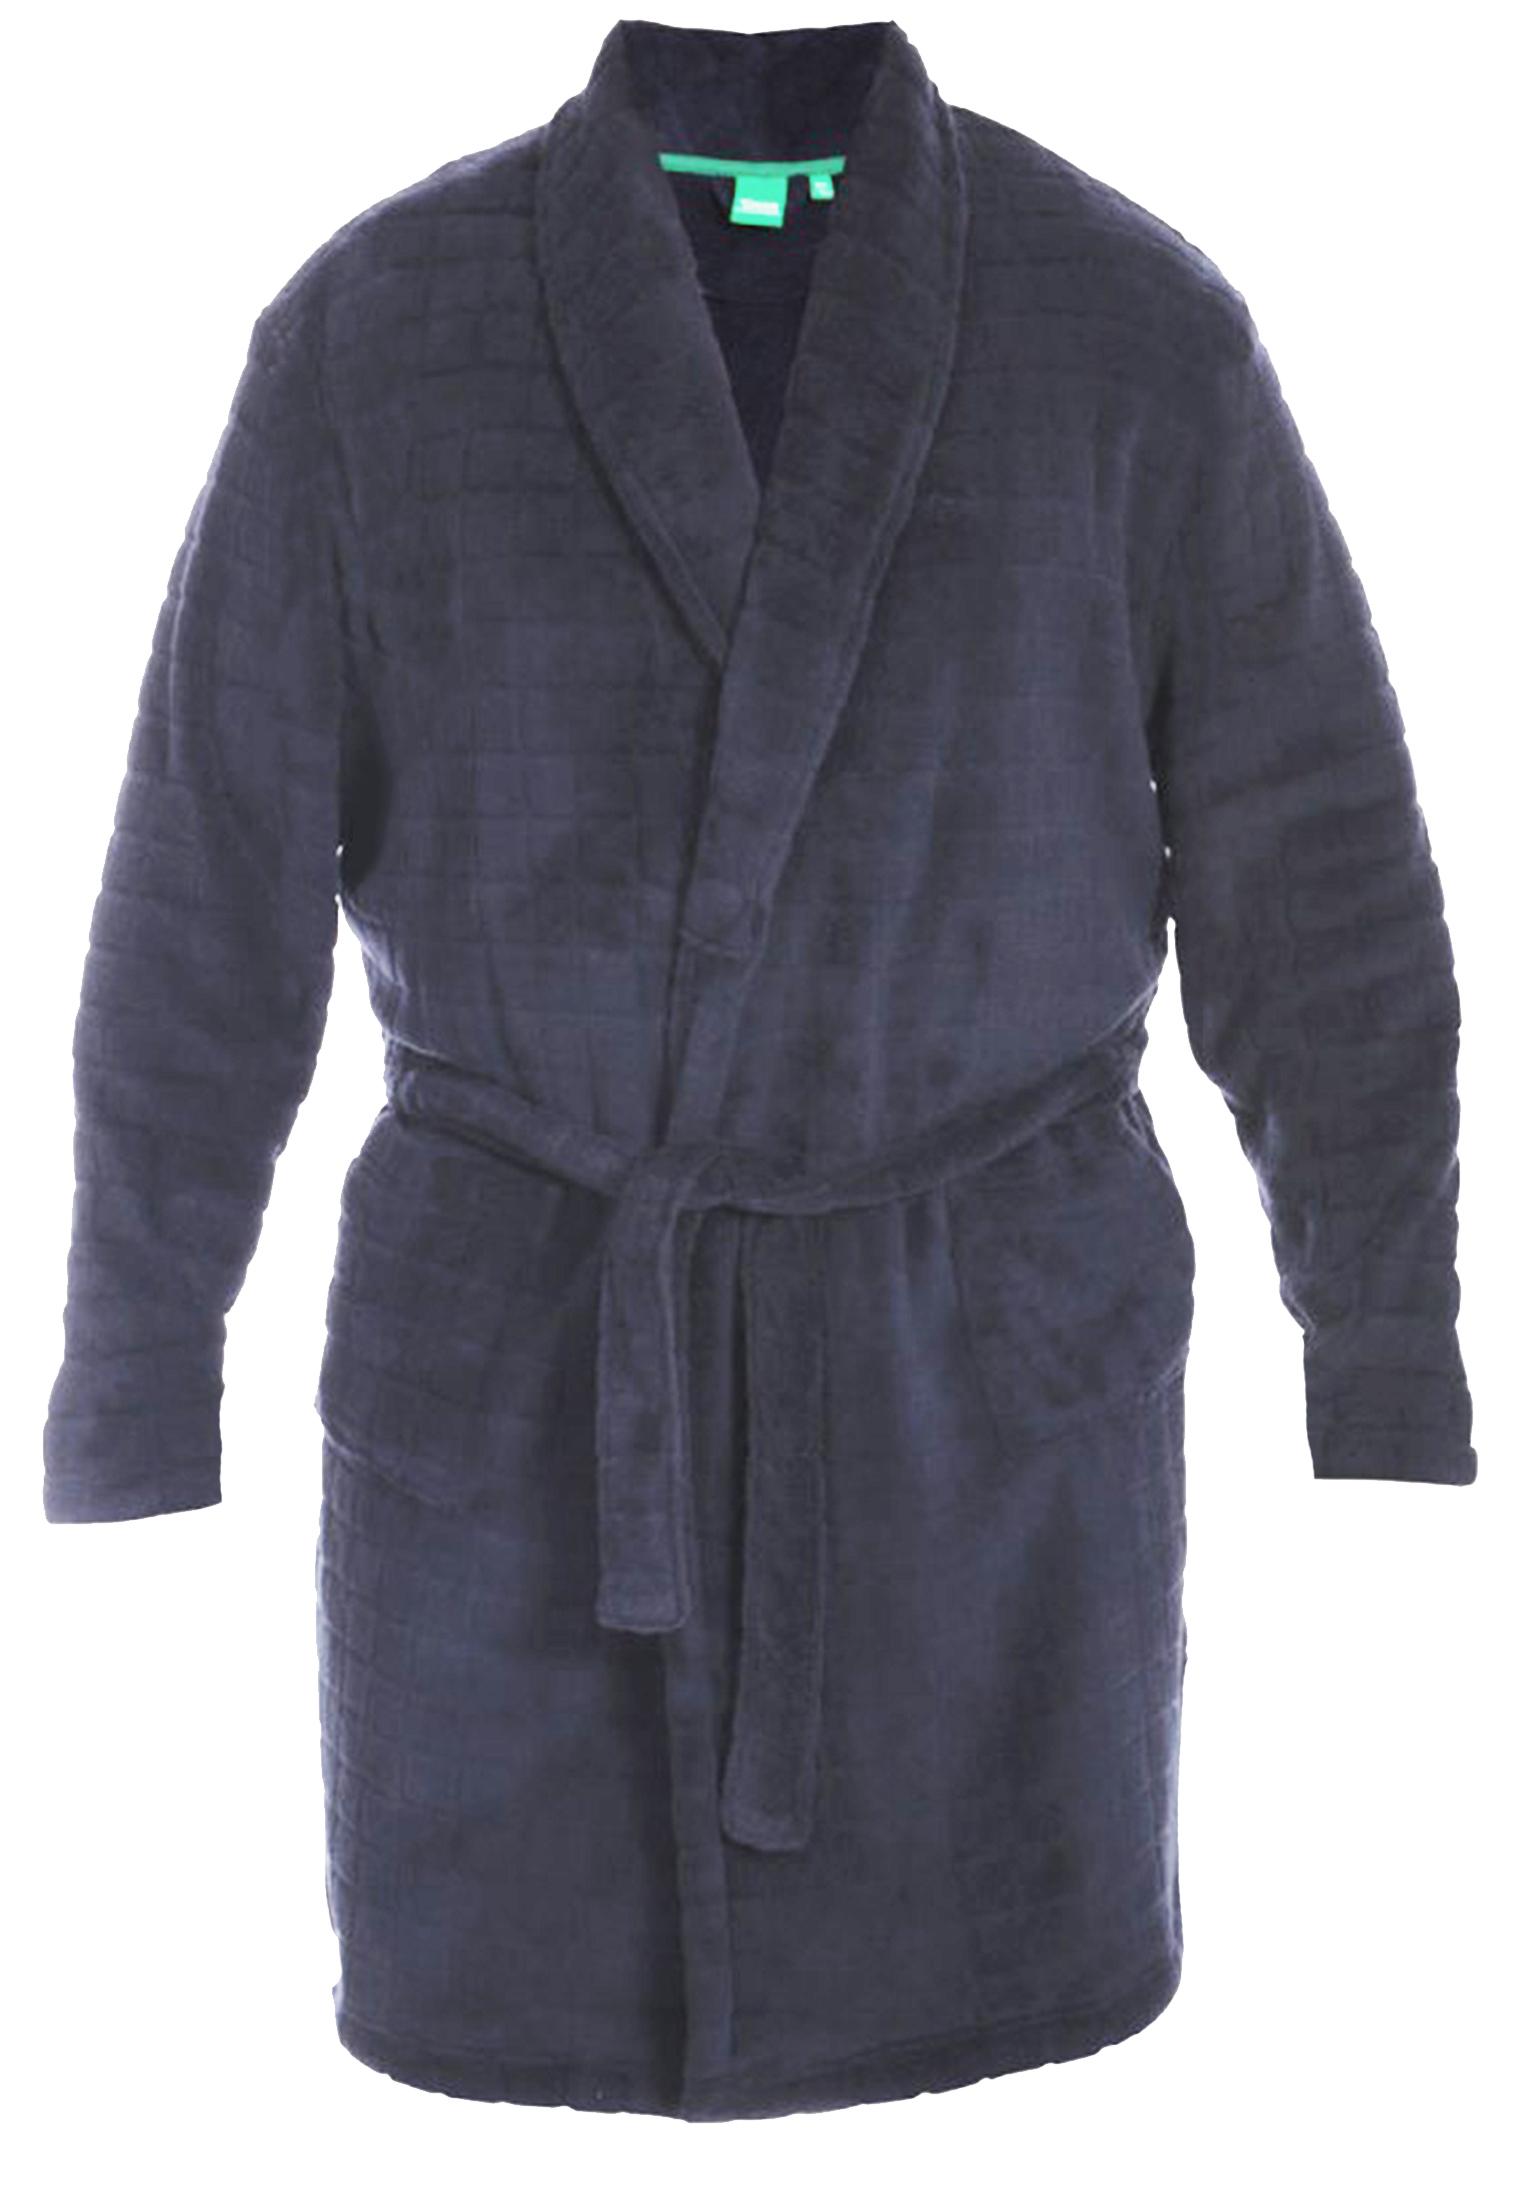 Navy badjas met blokjes motief, centuur en twee steekzakken van het merk D555. Deze badjas is gemaakt van super zacht materiaal wat zorgt voor een zeer veel draagcomfort. Ideaal om thuis lekker te dragen of mee te nemen naar de sauna.